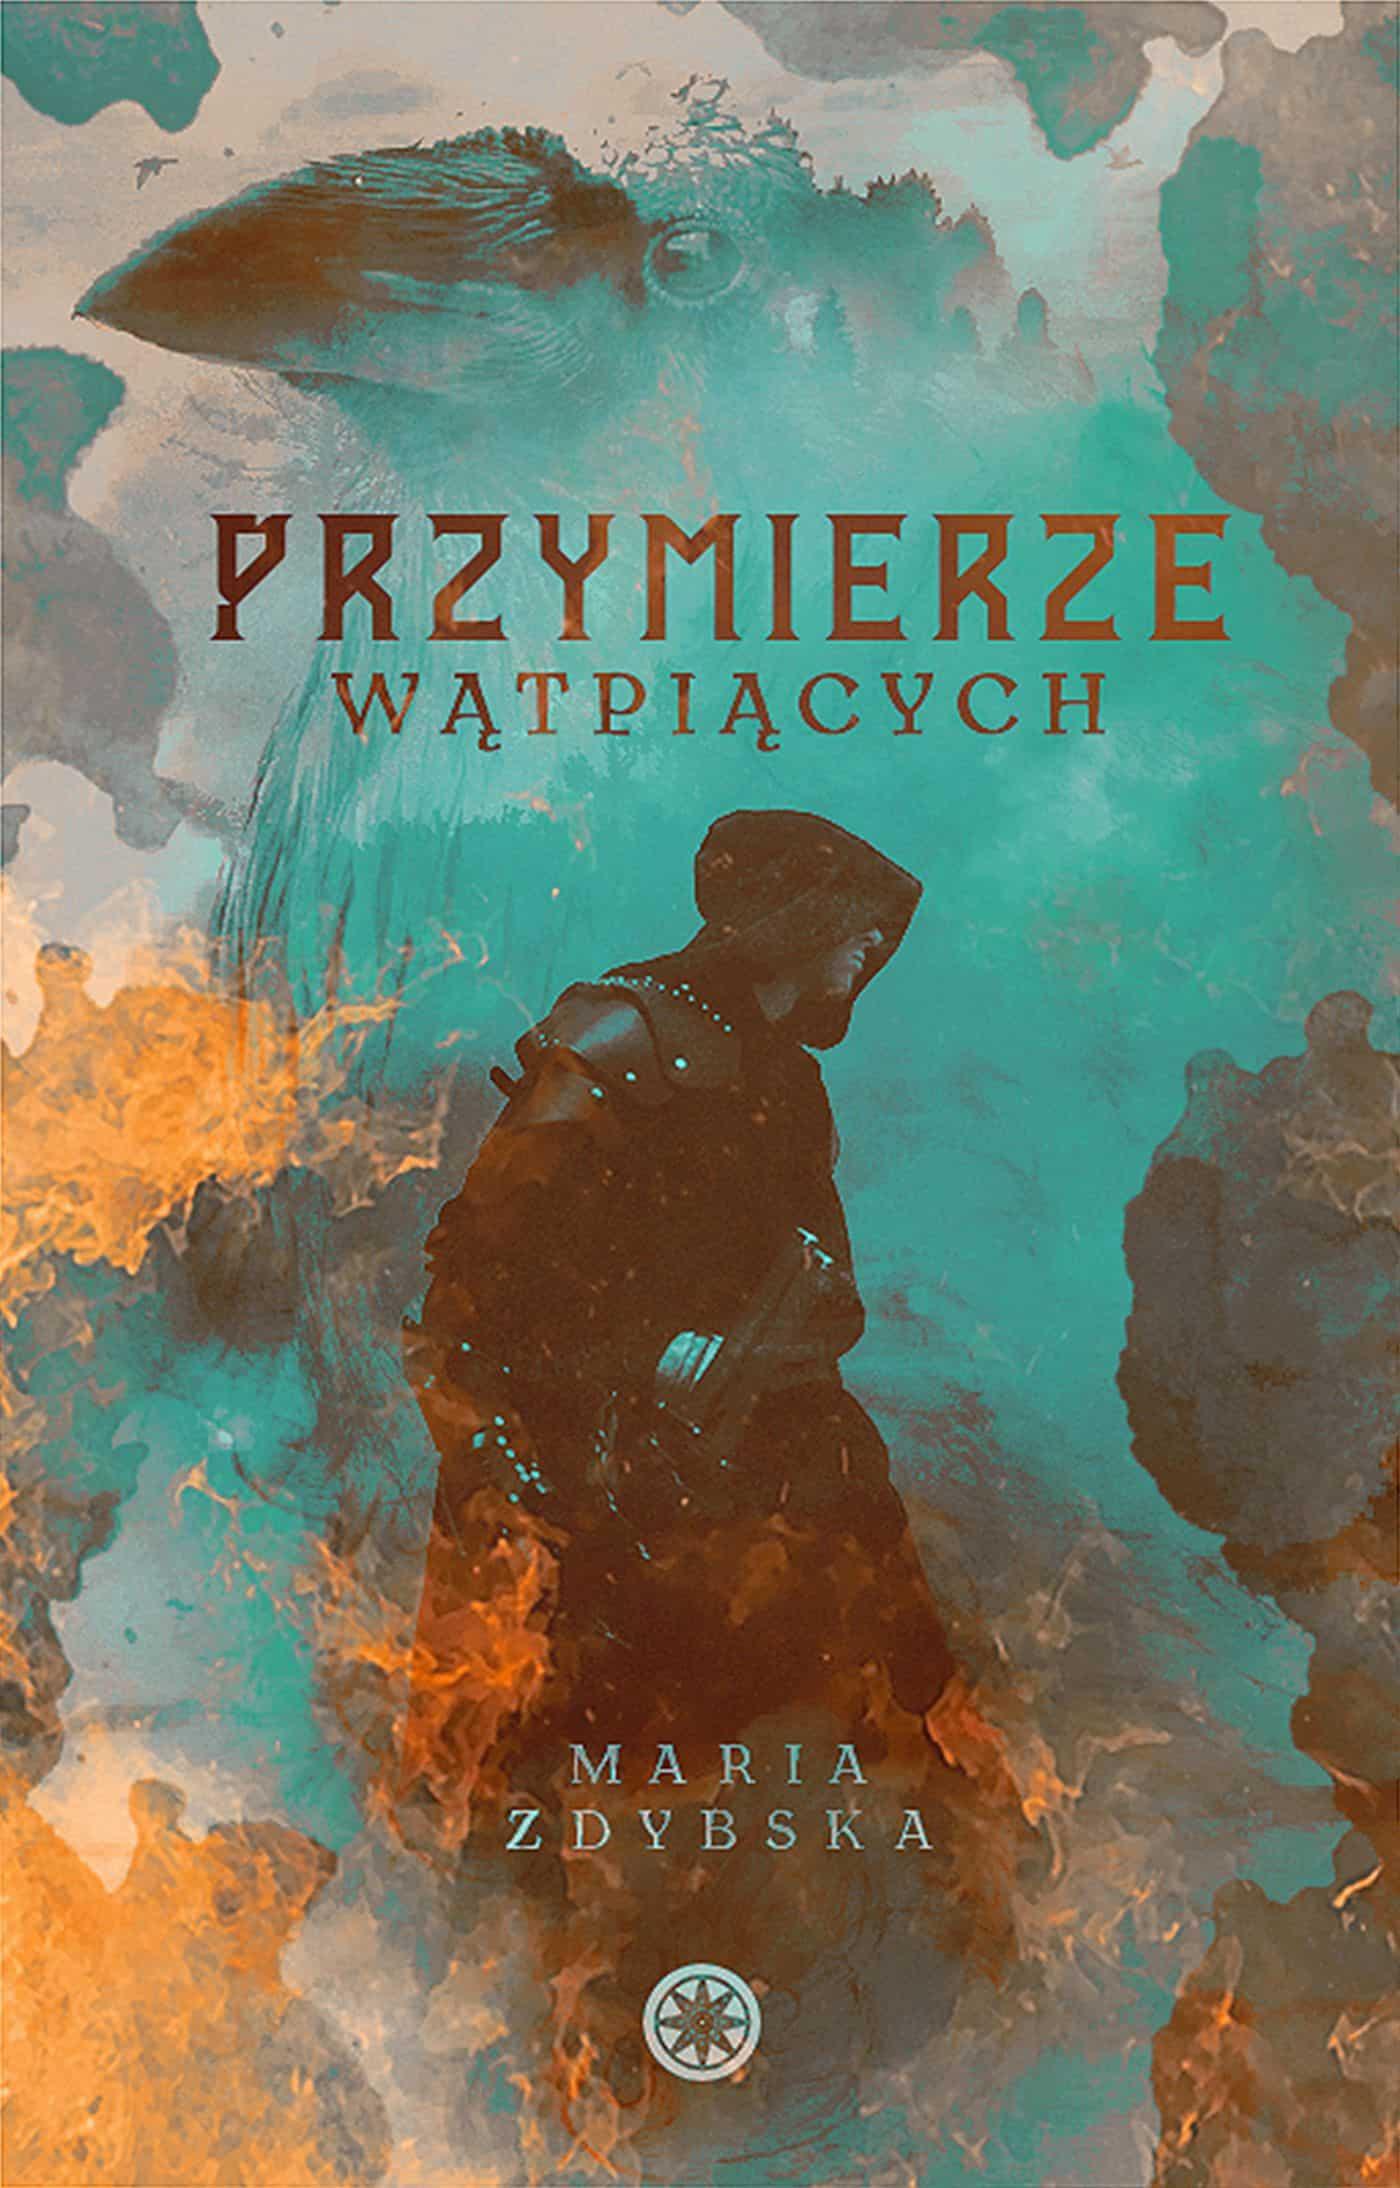 Przymierze wątpiących - Maria Zdybska